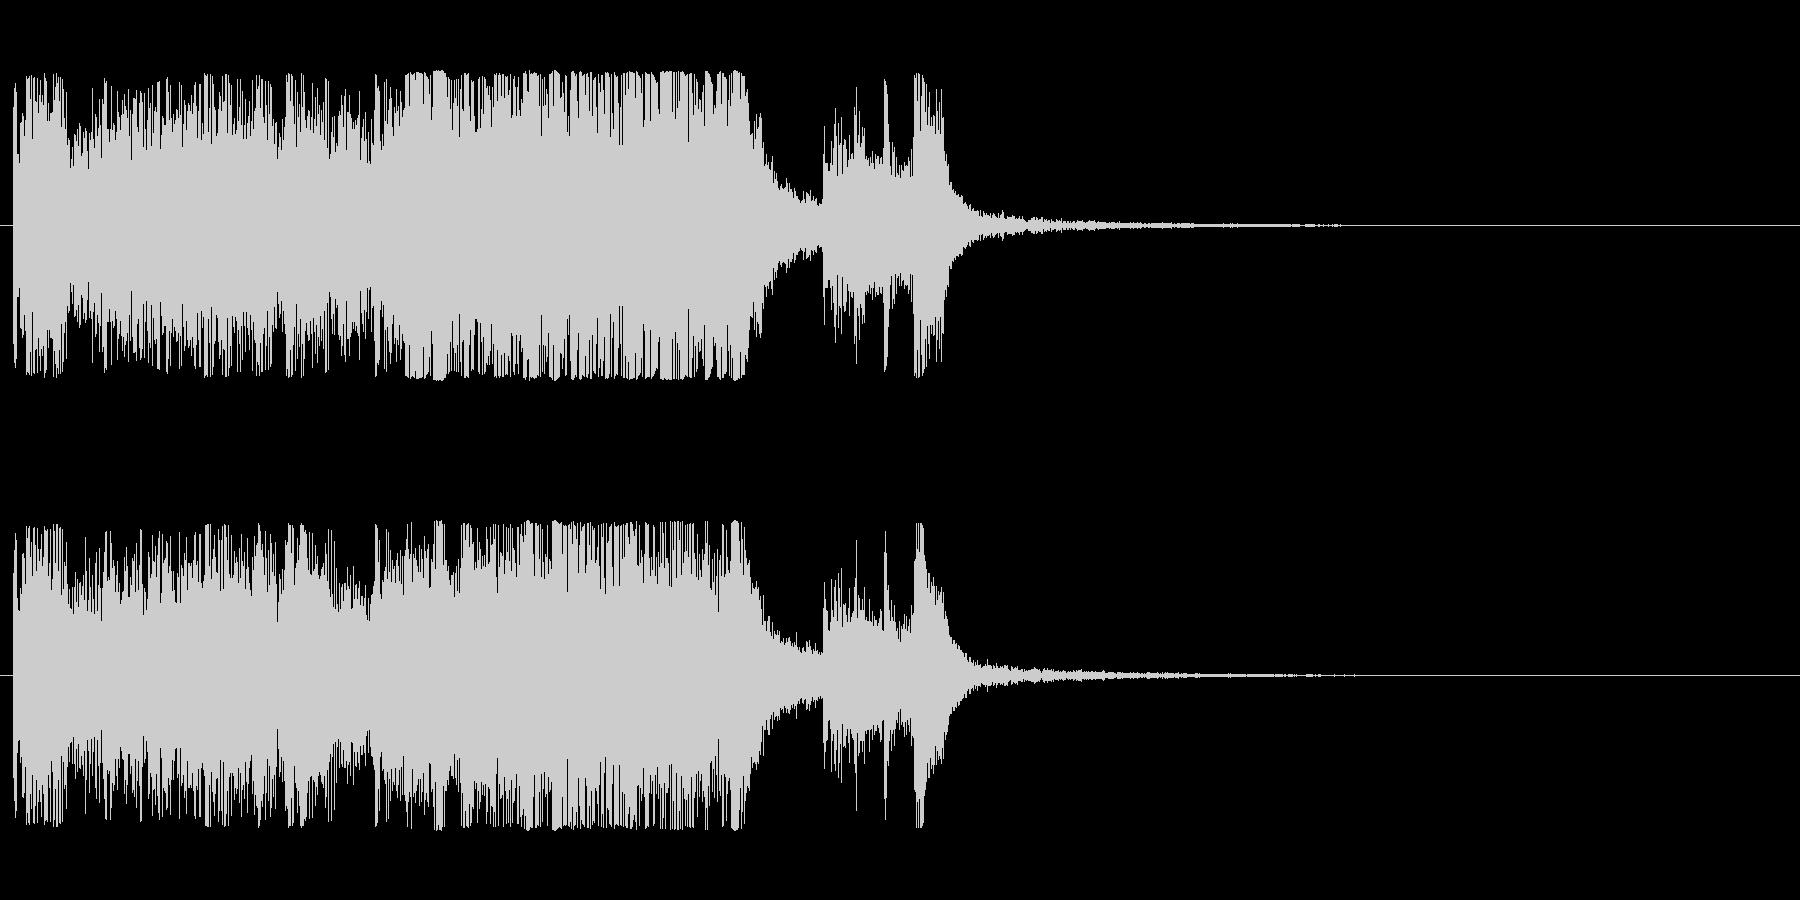 発表シリーズファンファーレ成績発表ピアノの未再生の波形